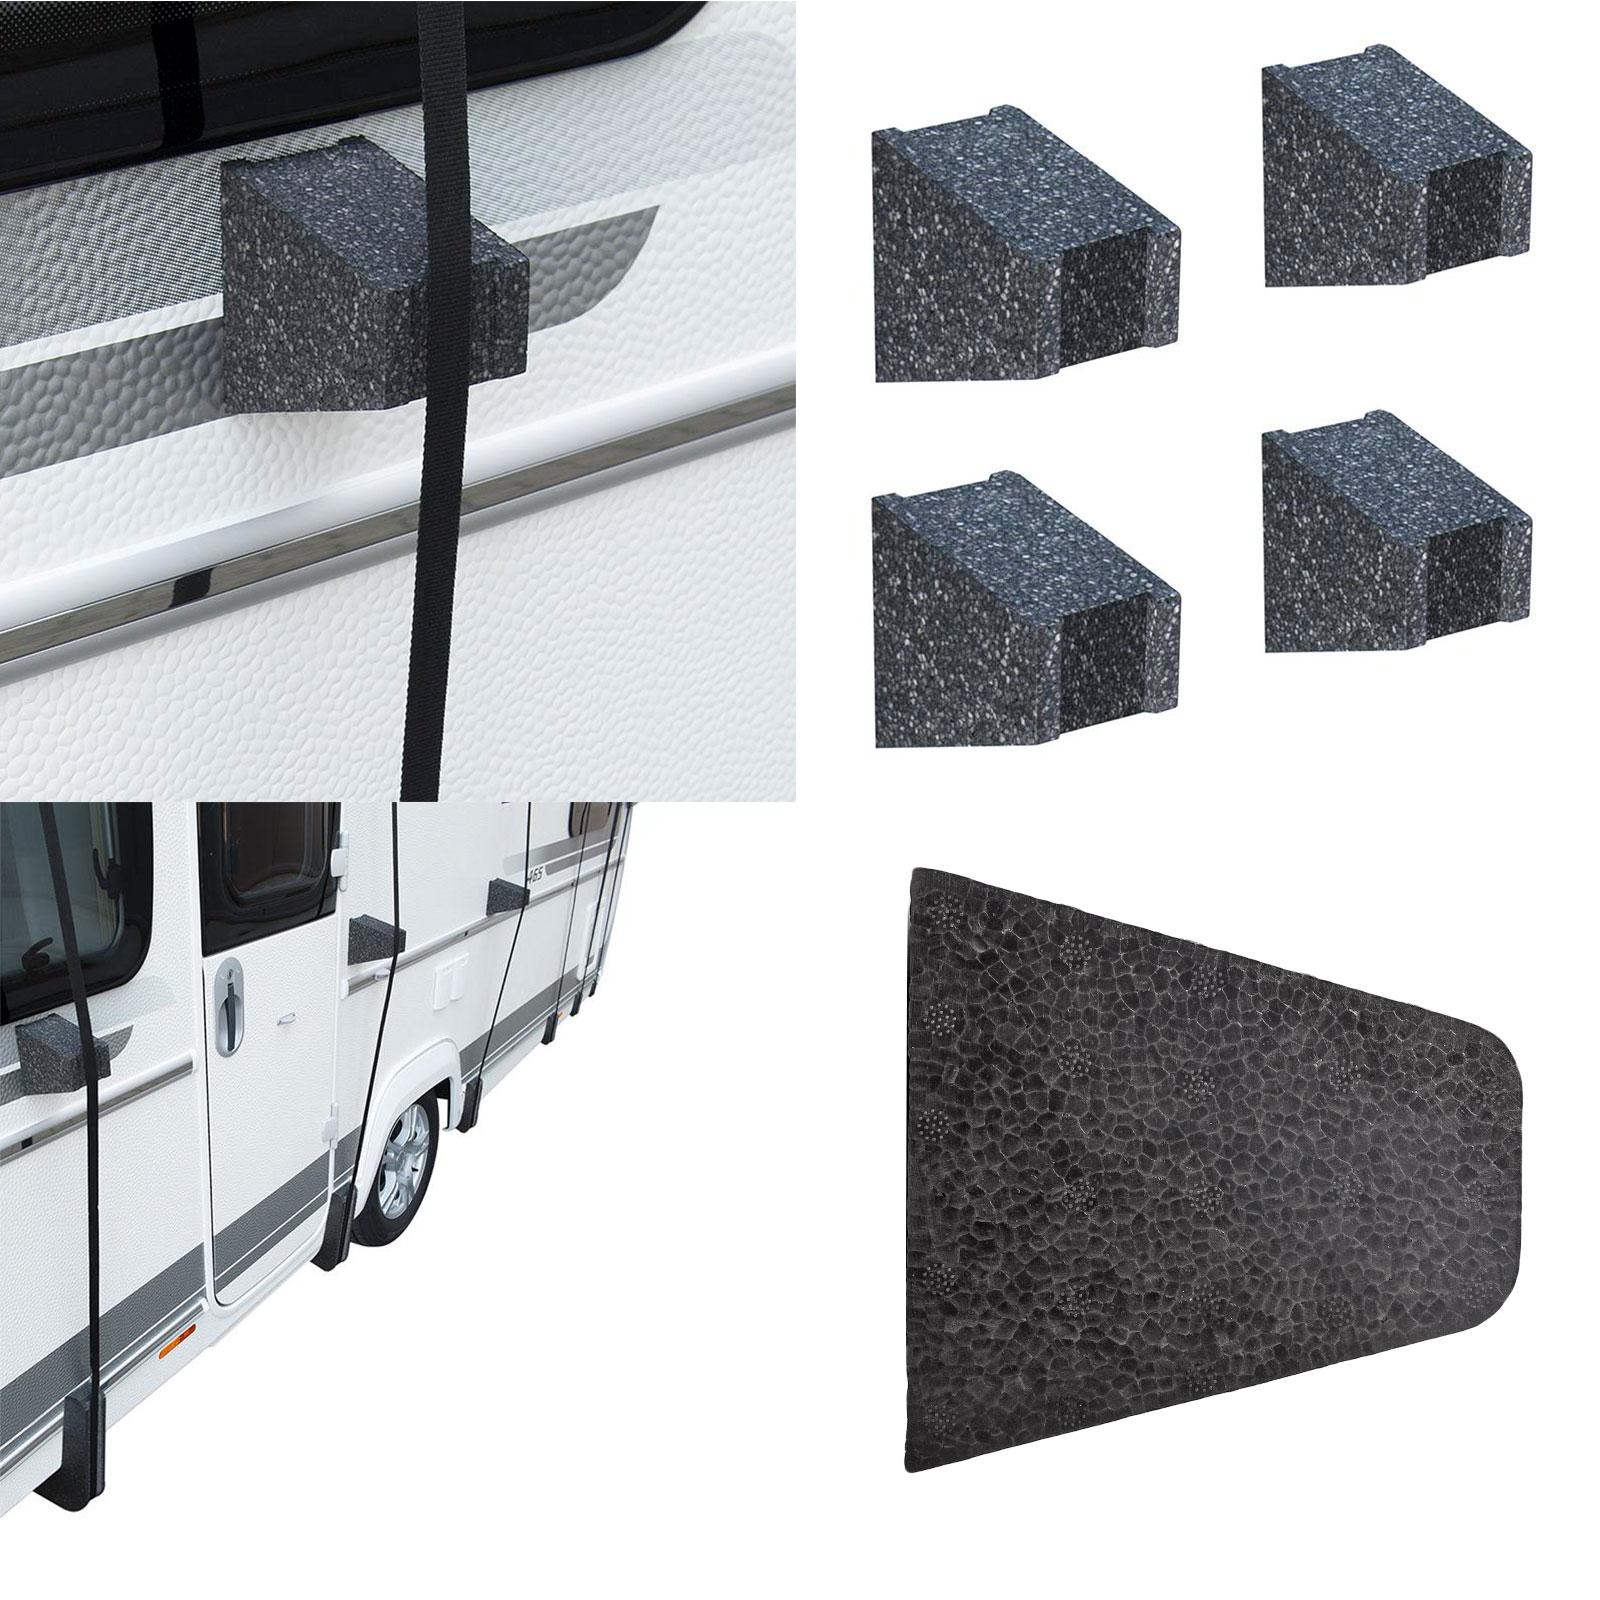 4 x Abstandshalter für Wohnwagen, Wohnmobil Schutzdächer Spezial Styropor 12,5cm